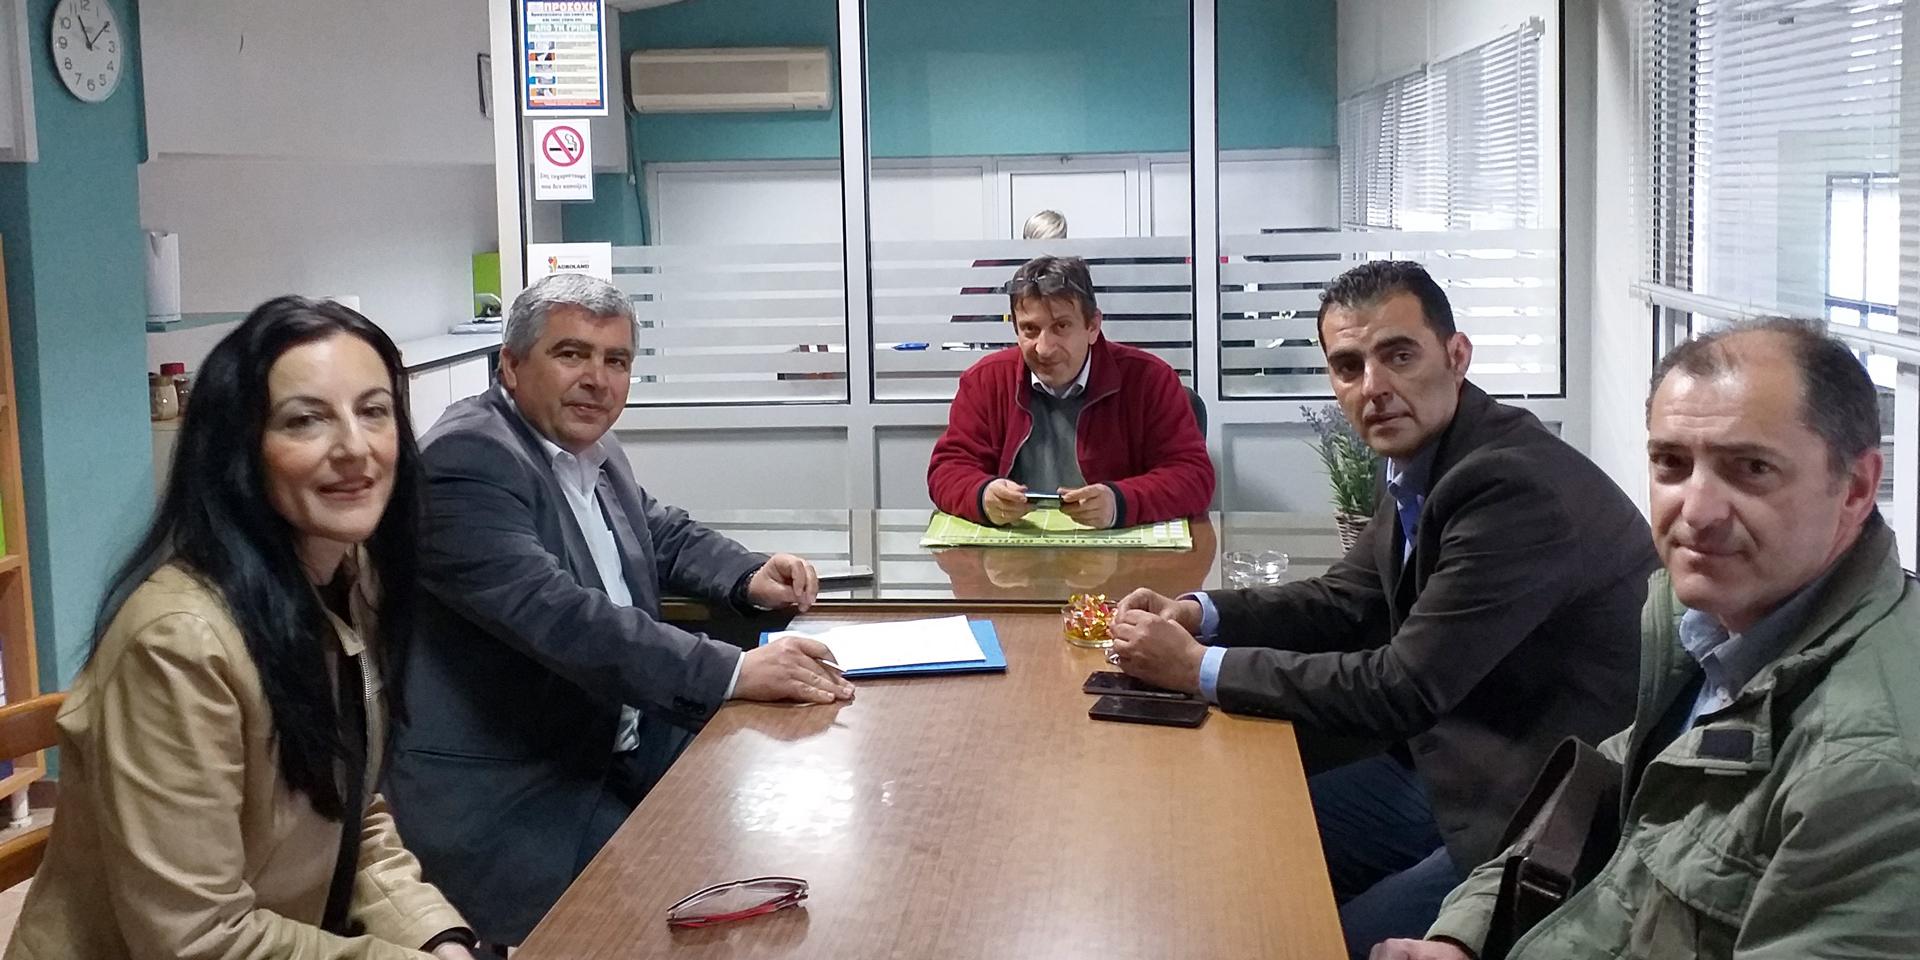 Επίσκεψη ενημέρωσης & συνεργασίας του Υπ. Δημάρχου κ. Νίκου Γεωργάκου στους Αγροτικούς Συνεταιρισμούς στη ΒΙΠΕ Πρέβεζας συνοδεία υποψηφίων του συνδυασμού «ΔΗΜΟΣ ΤΗΣ ΚΑΡΔΙΑΣ ΜΑΣ!»